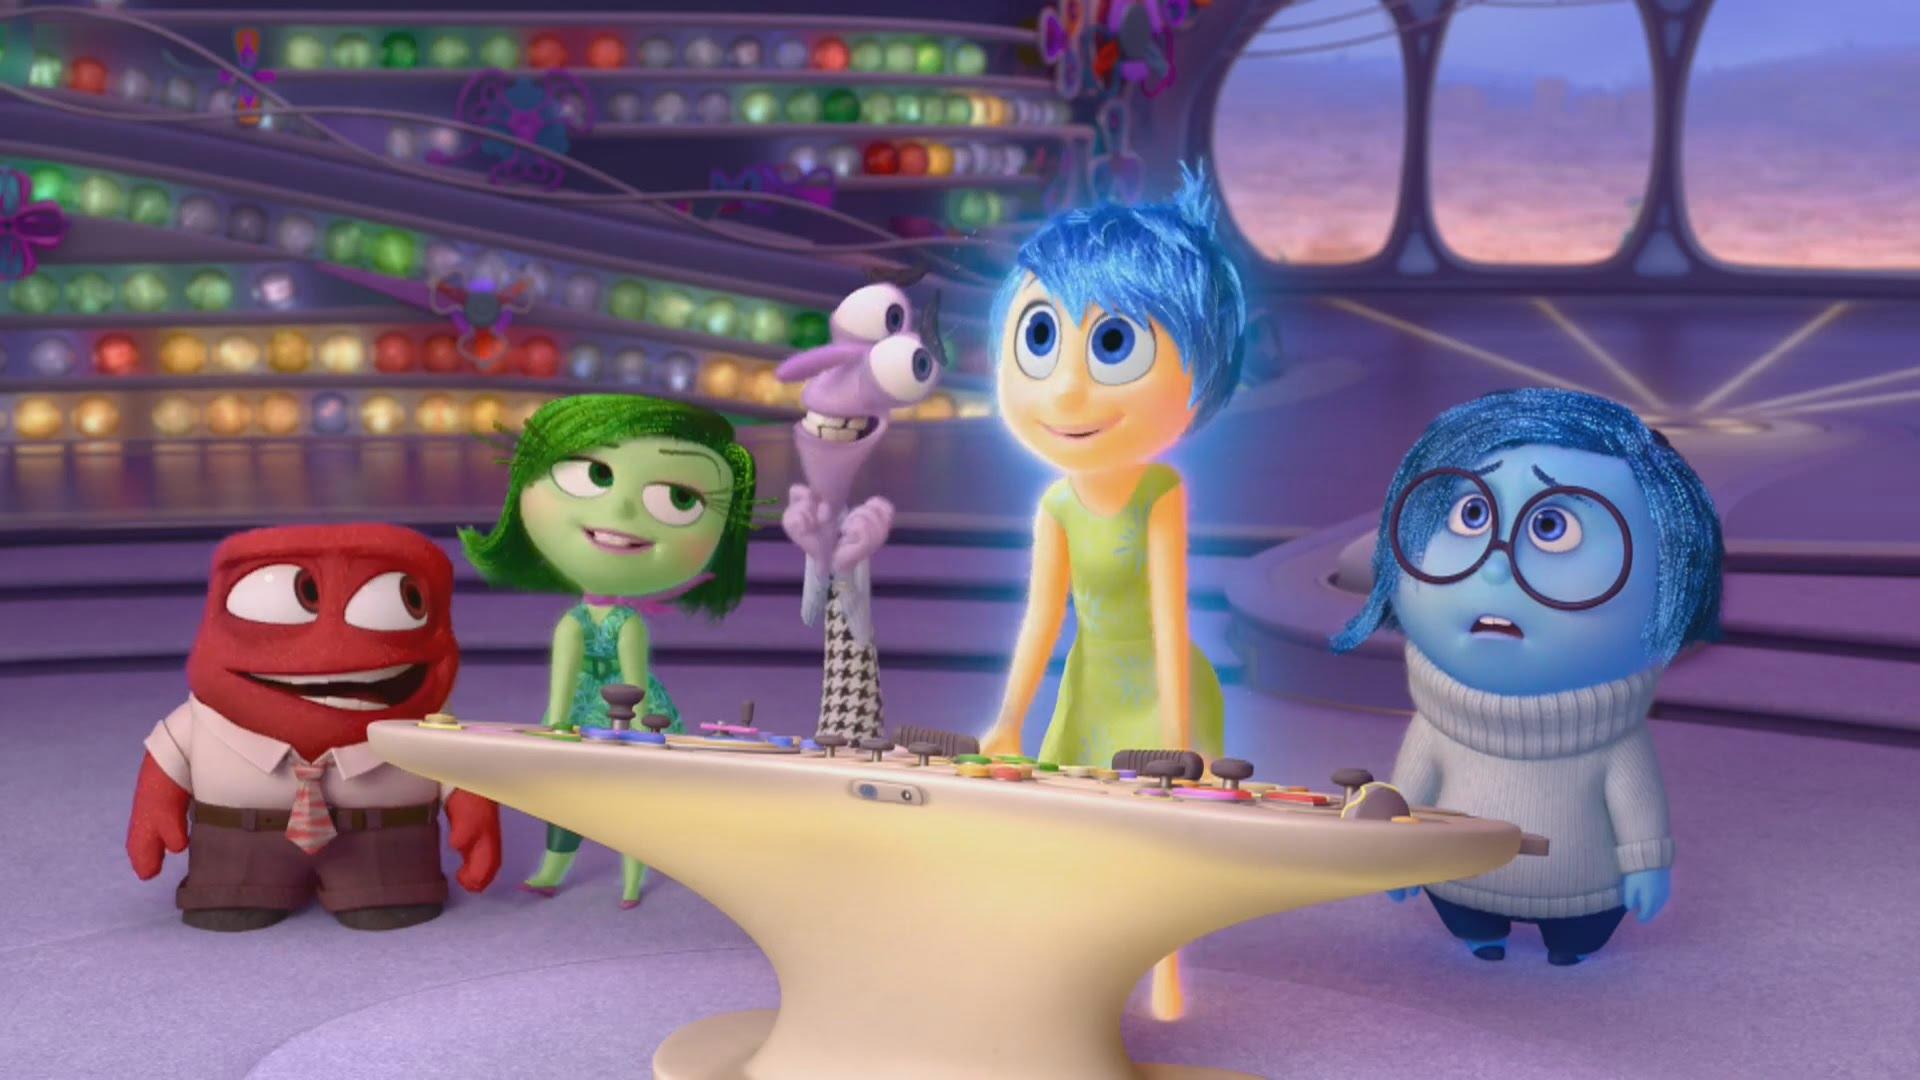 Η Pixar αποδεικνύει σε ένα βίντεο με ποιο τρόπο συνδέονται όλες οι ταινίες!